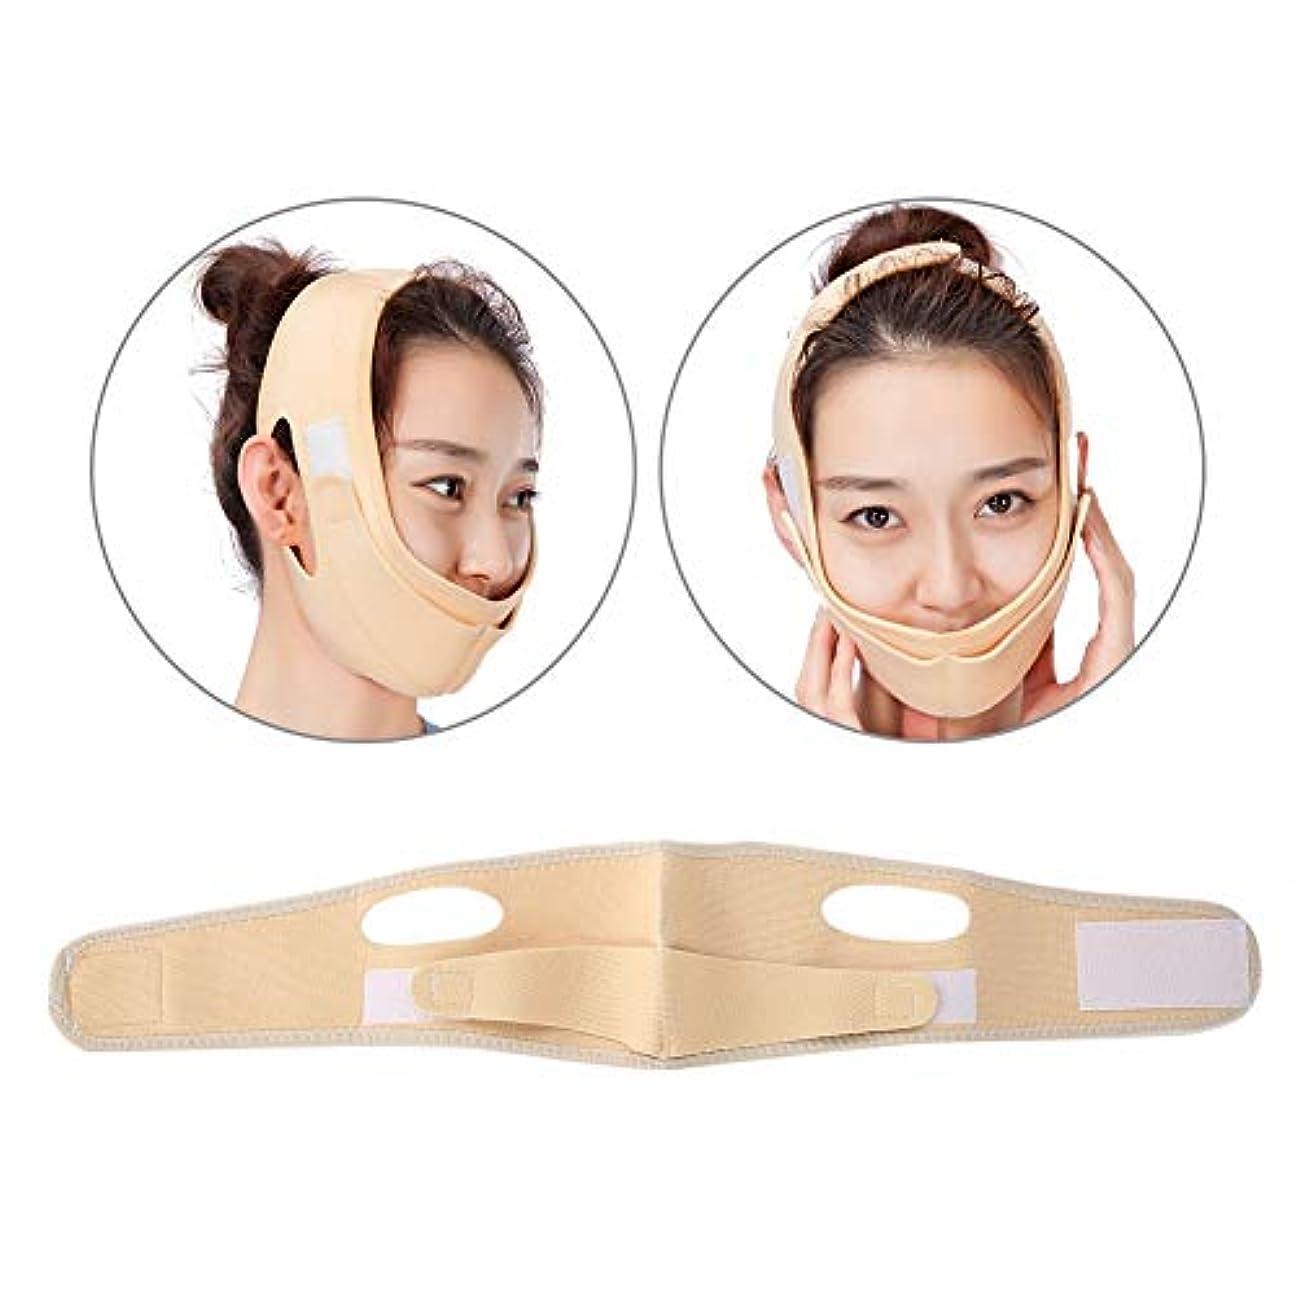 エーカー事前にこしょう2タイプフェイスリフティングマスク、ナチュラルVチーク舐め締めベルト、アンチリンクル引き締めスキンマスク、フェイスリフティング減量アンチダブルフェイシャル包帯(1#)